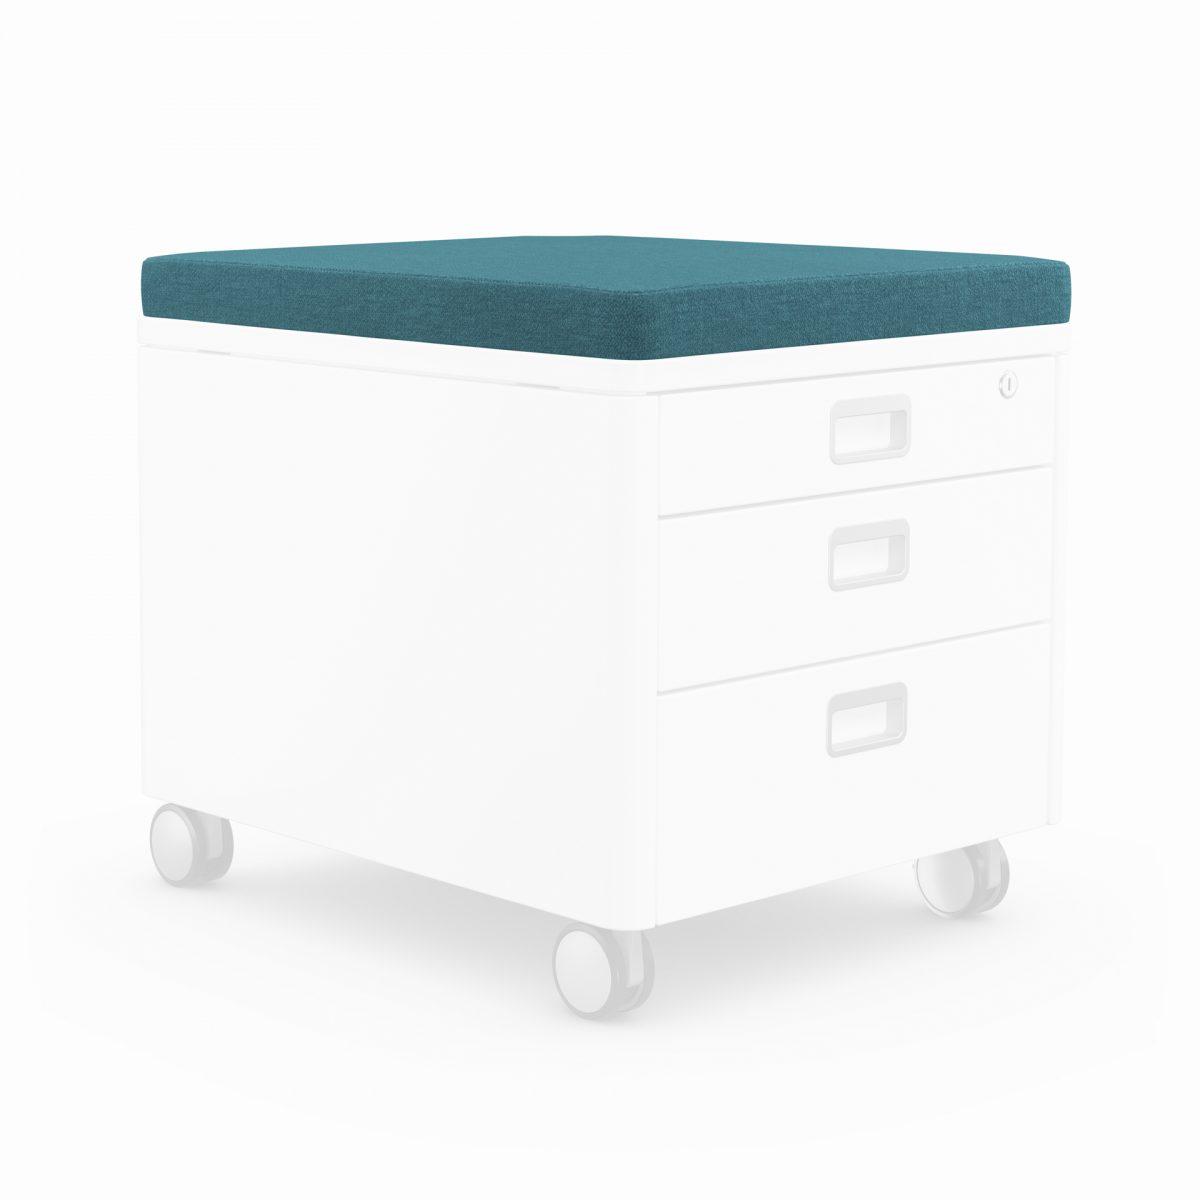 mollFunktion2020DprimePadtrendweb2062 - Delso - dětský, kancelářský a bytový nábytek